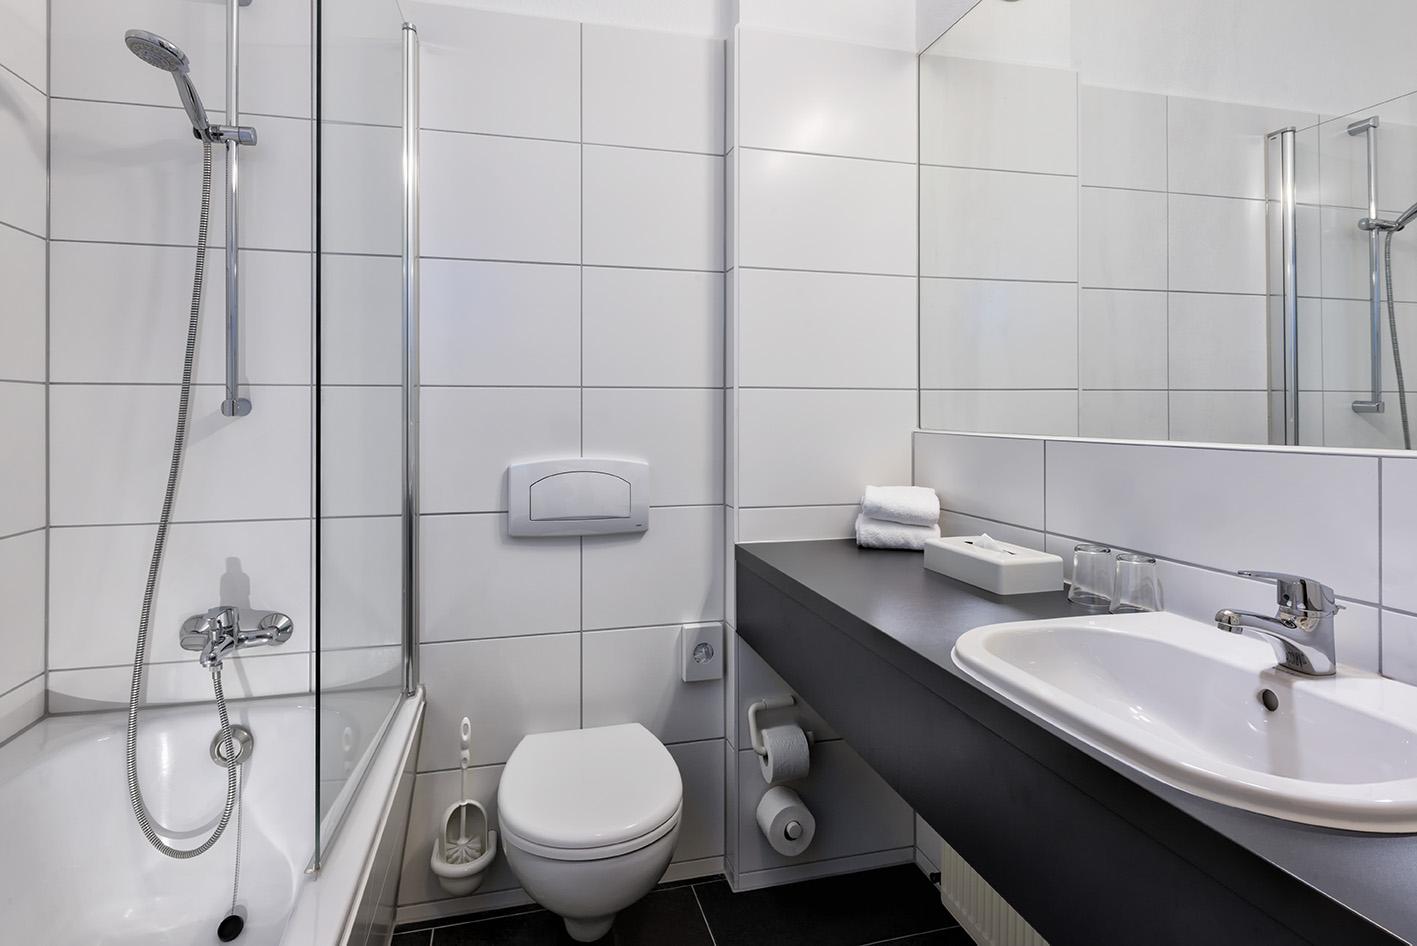 Badezimmer Braunschweig, hotelzimmer in braunschweig | best western braunschweig, Design ideen